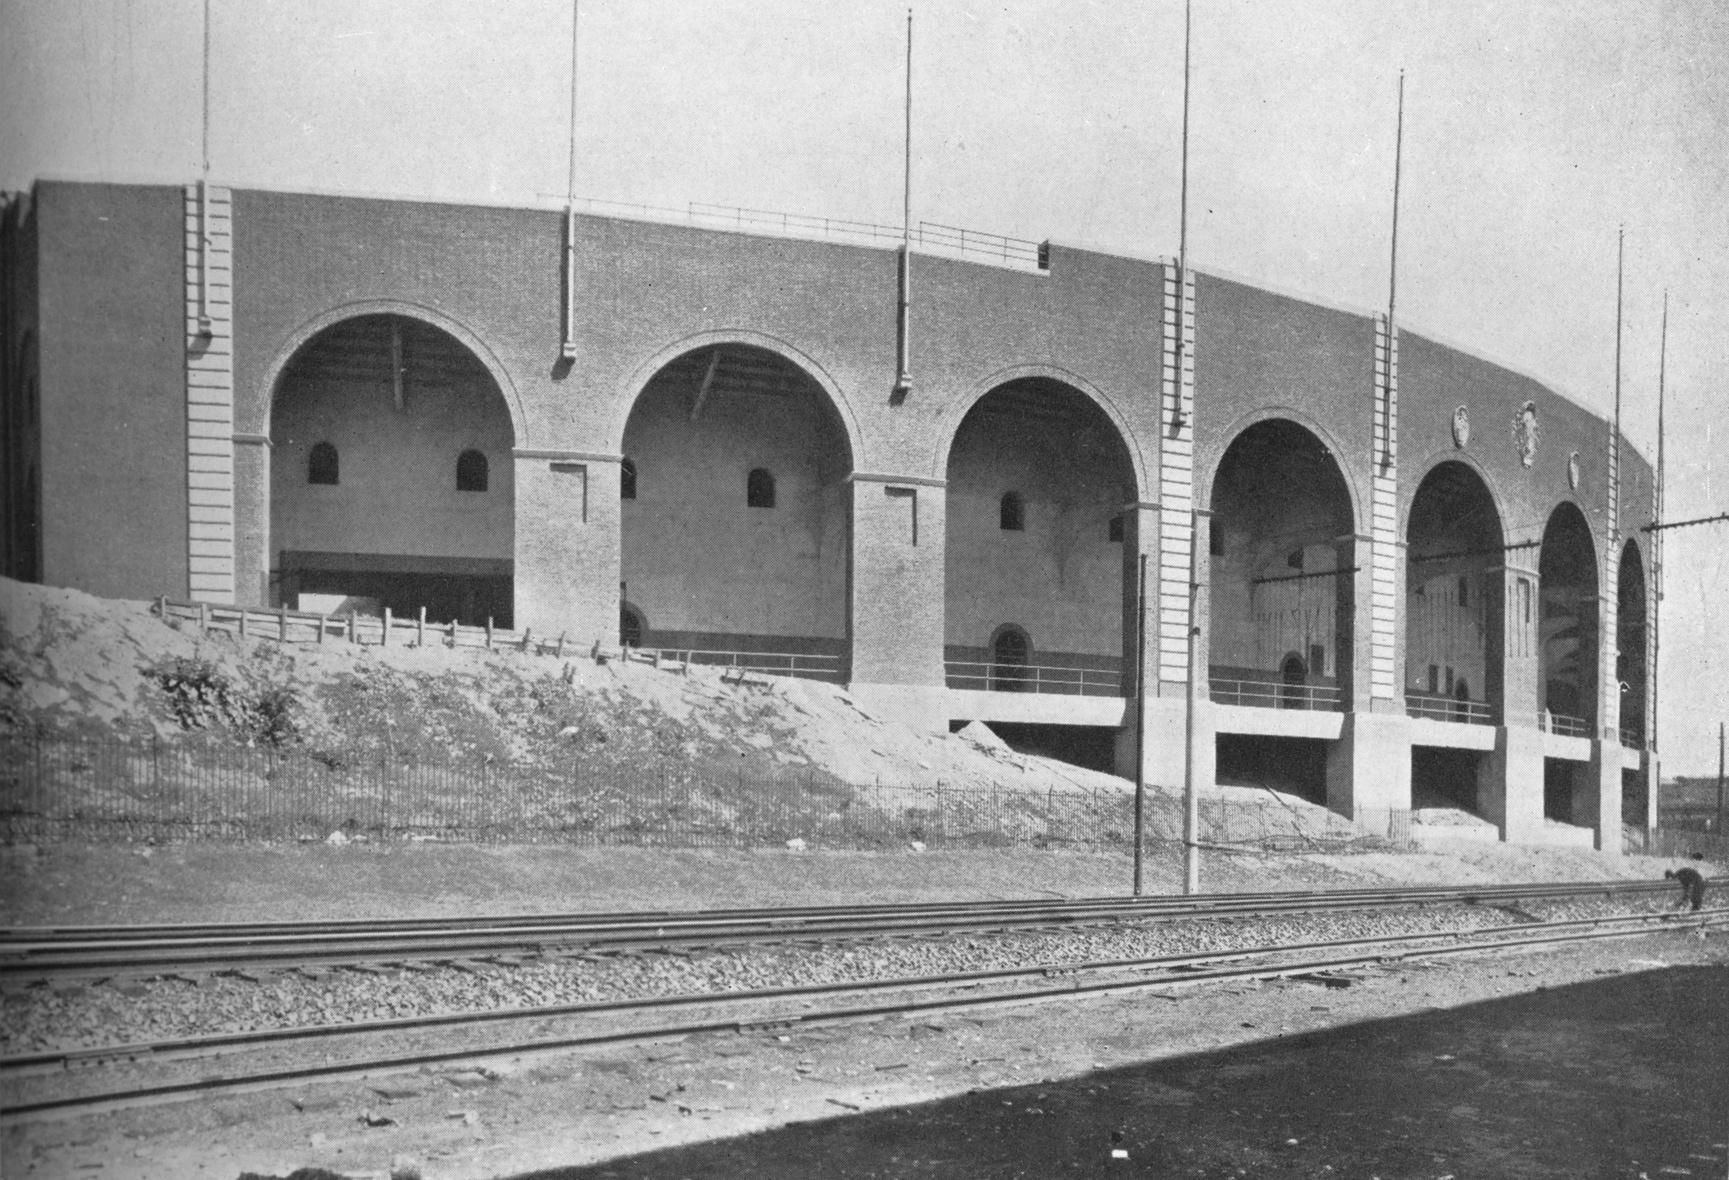 Extérieur de la tribune est, stade Franklin Field, Université de Pennsylvanie, Philadelphie, 1923.